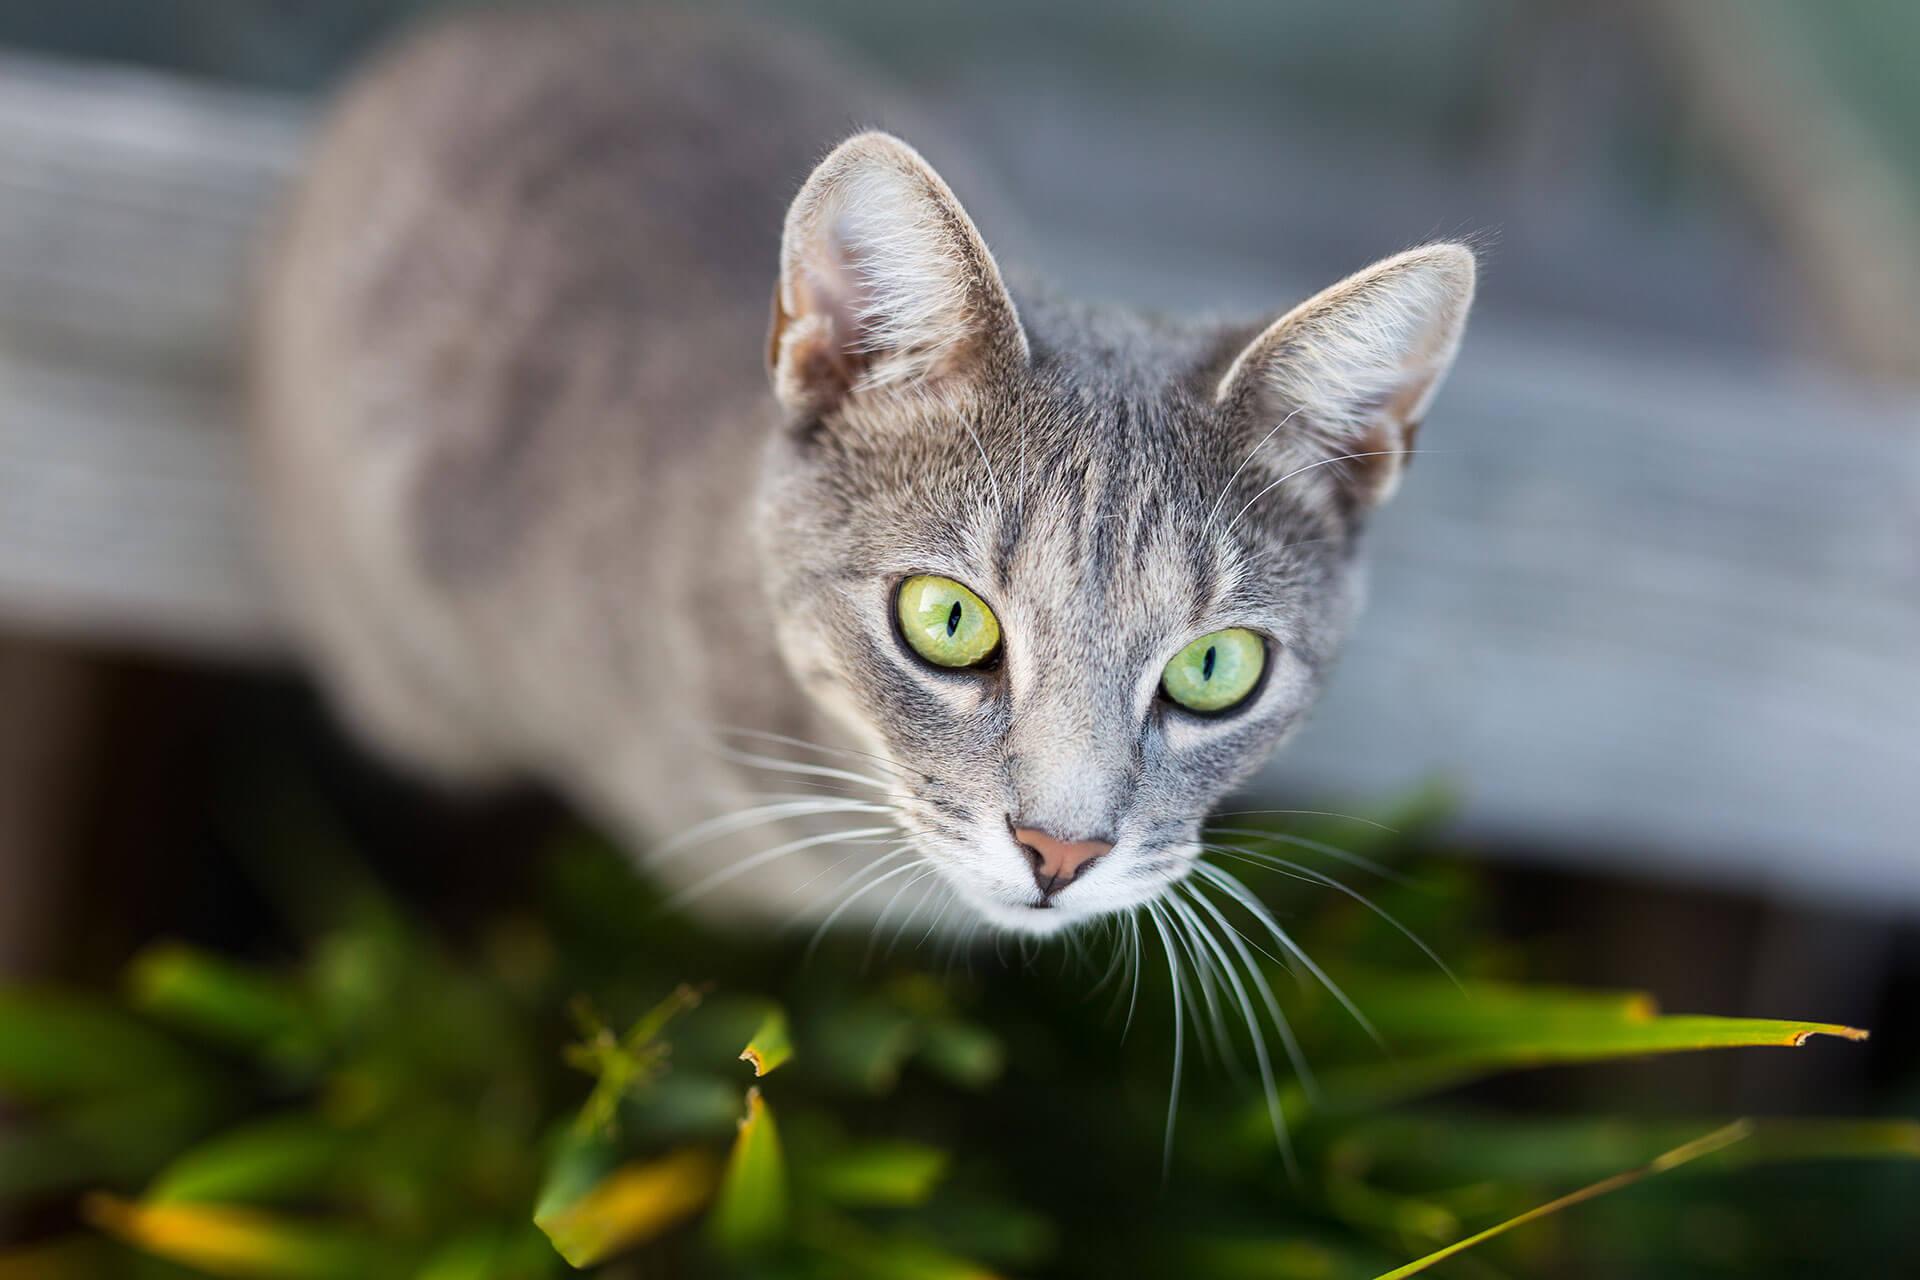 Katzen Orientierungssinn: Wie ausgeprägt ist dieser Sinn wirklich